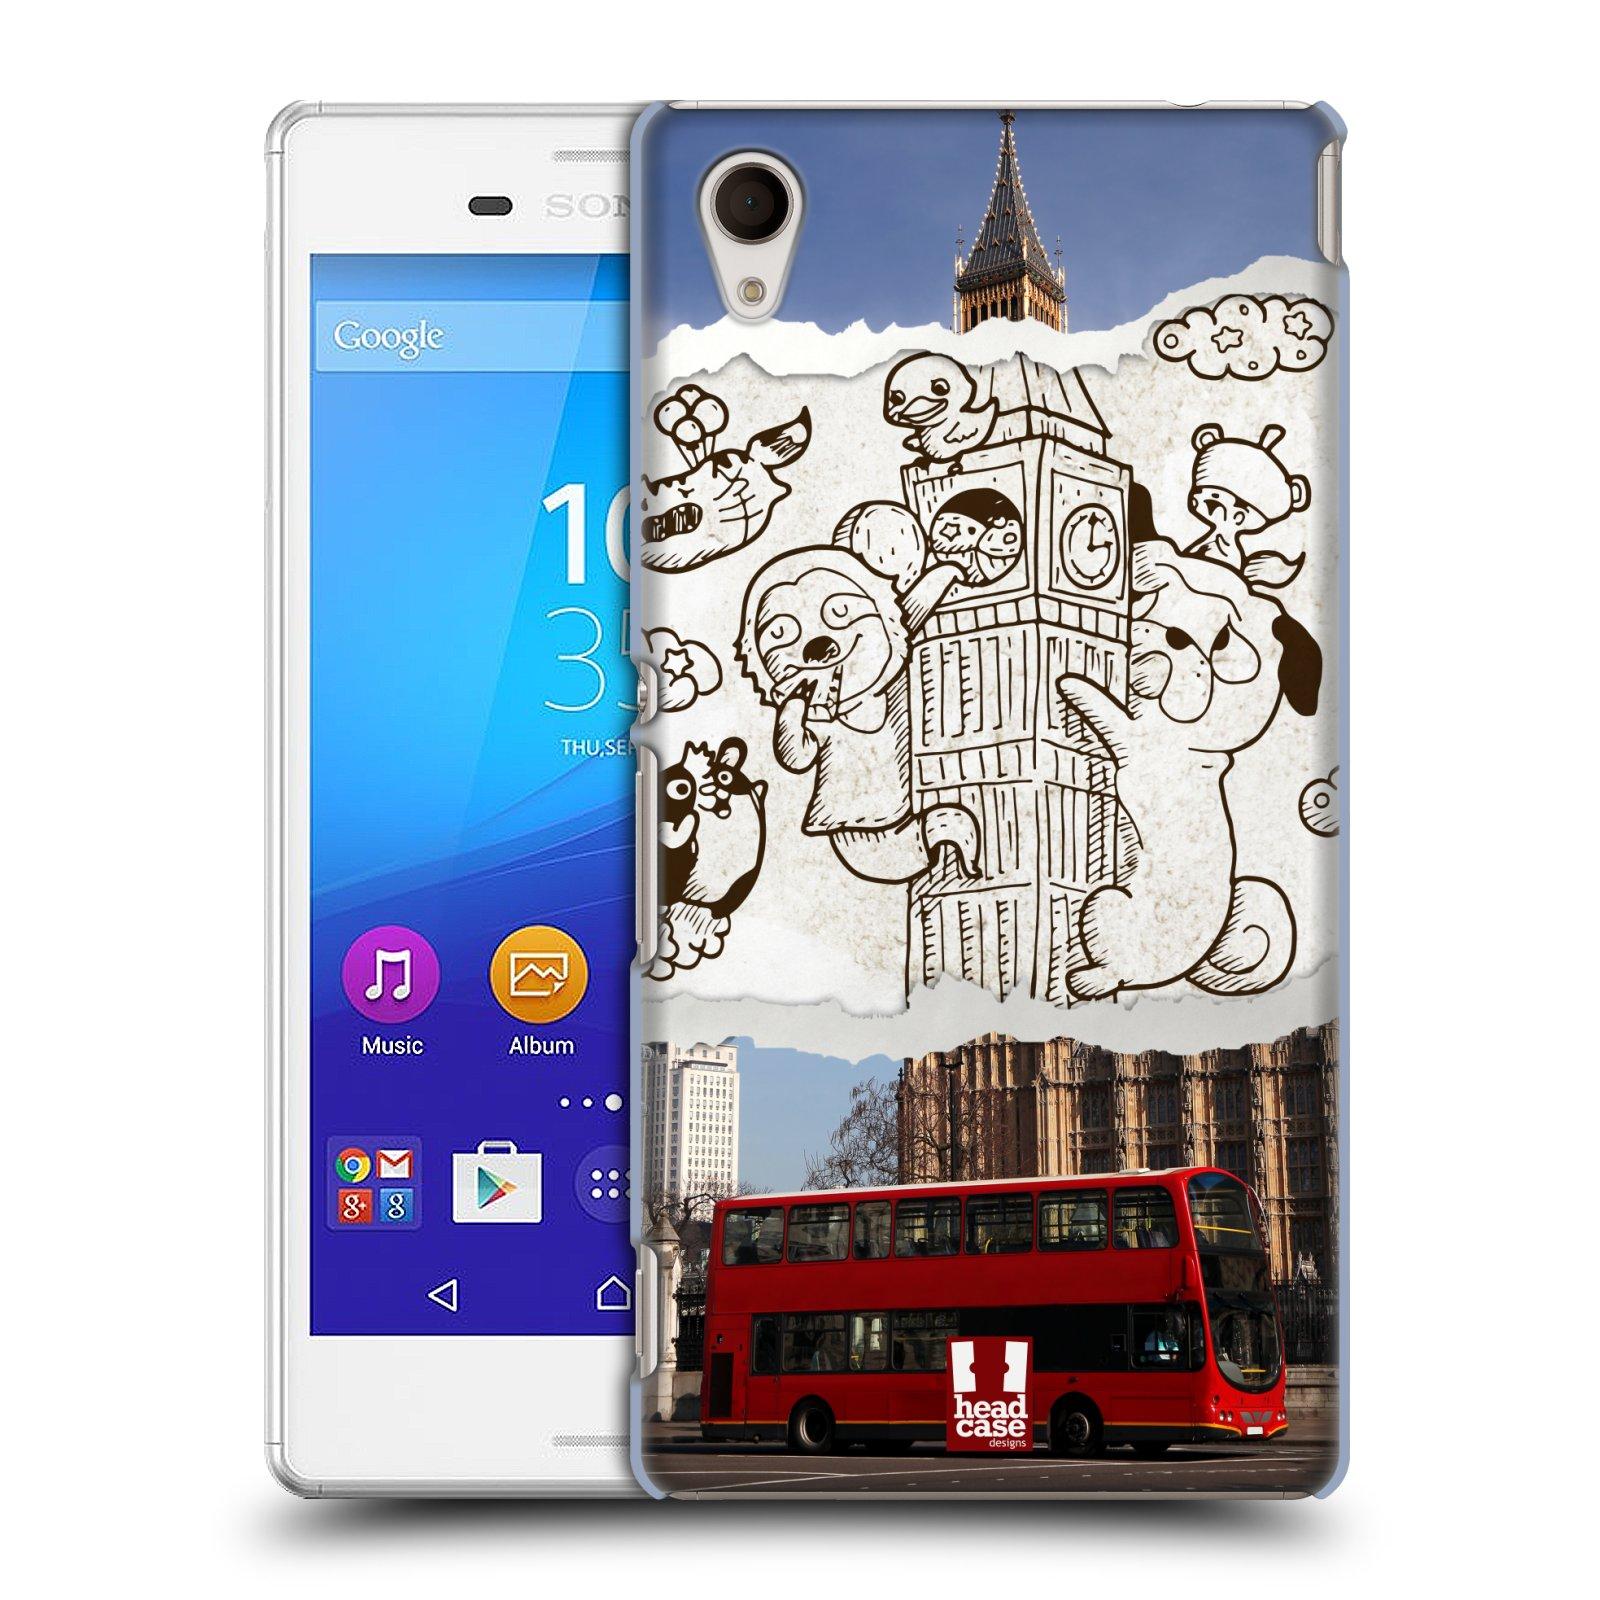 Plastové pouzdro na mobil Sony Xperia M4 Aqua E2303 HEAD CASE DOODLE TRIP LONDÝN (Kryt či obal na mobilní telefon Sony Xperia M4 Aqua a M4 Aqua Dual SIM)